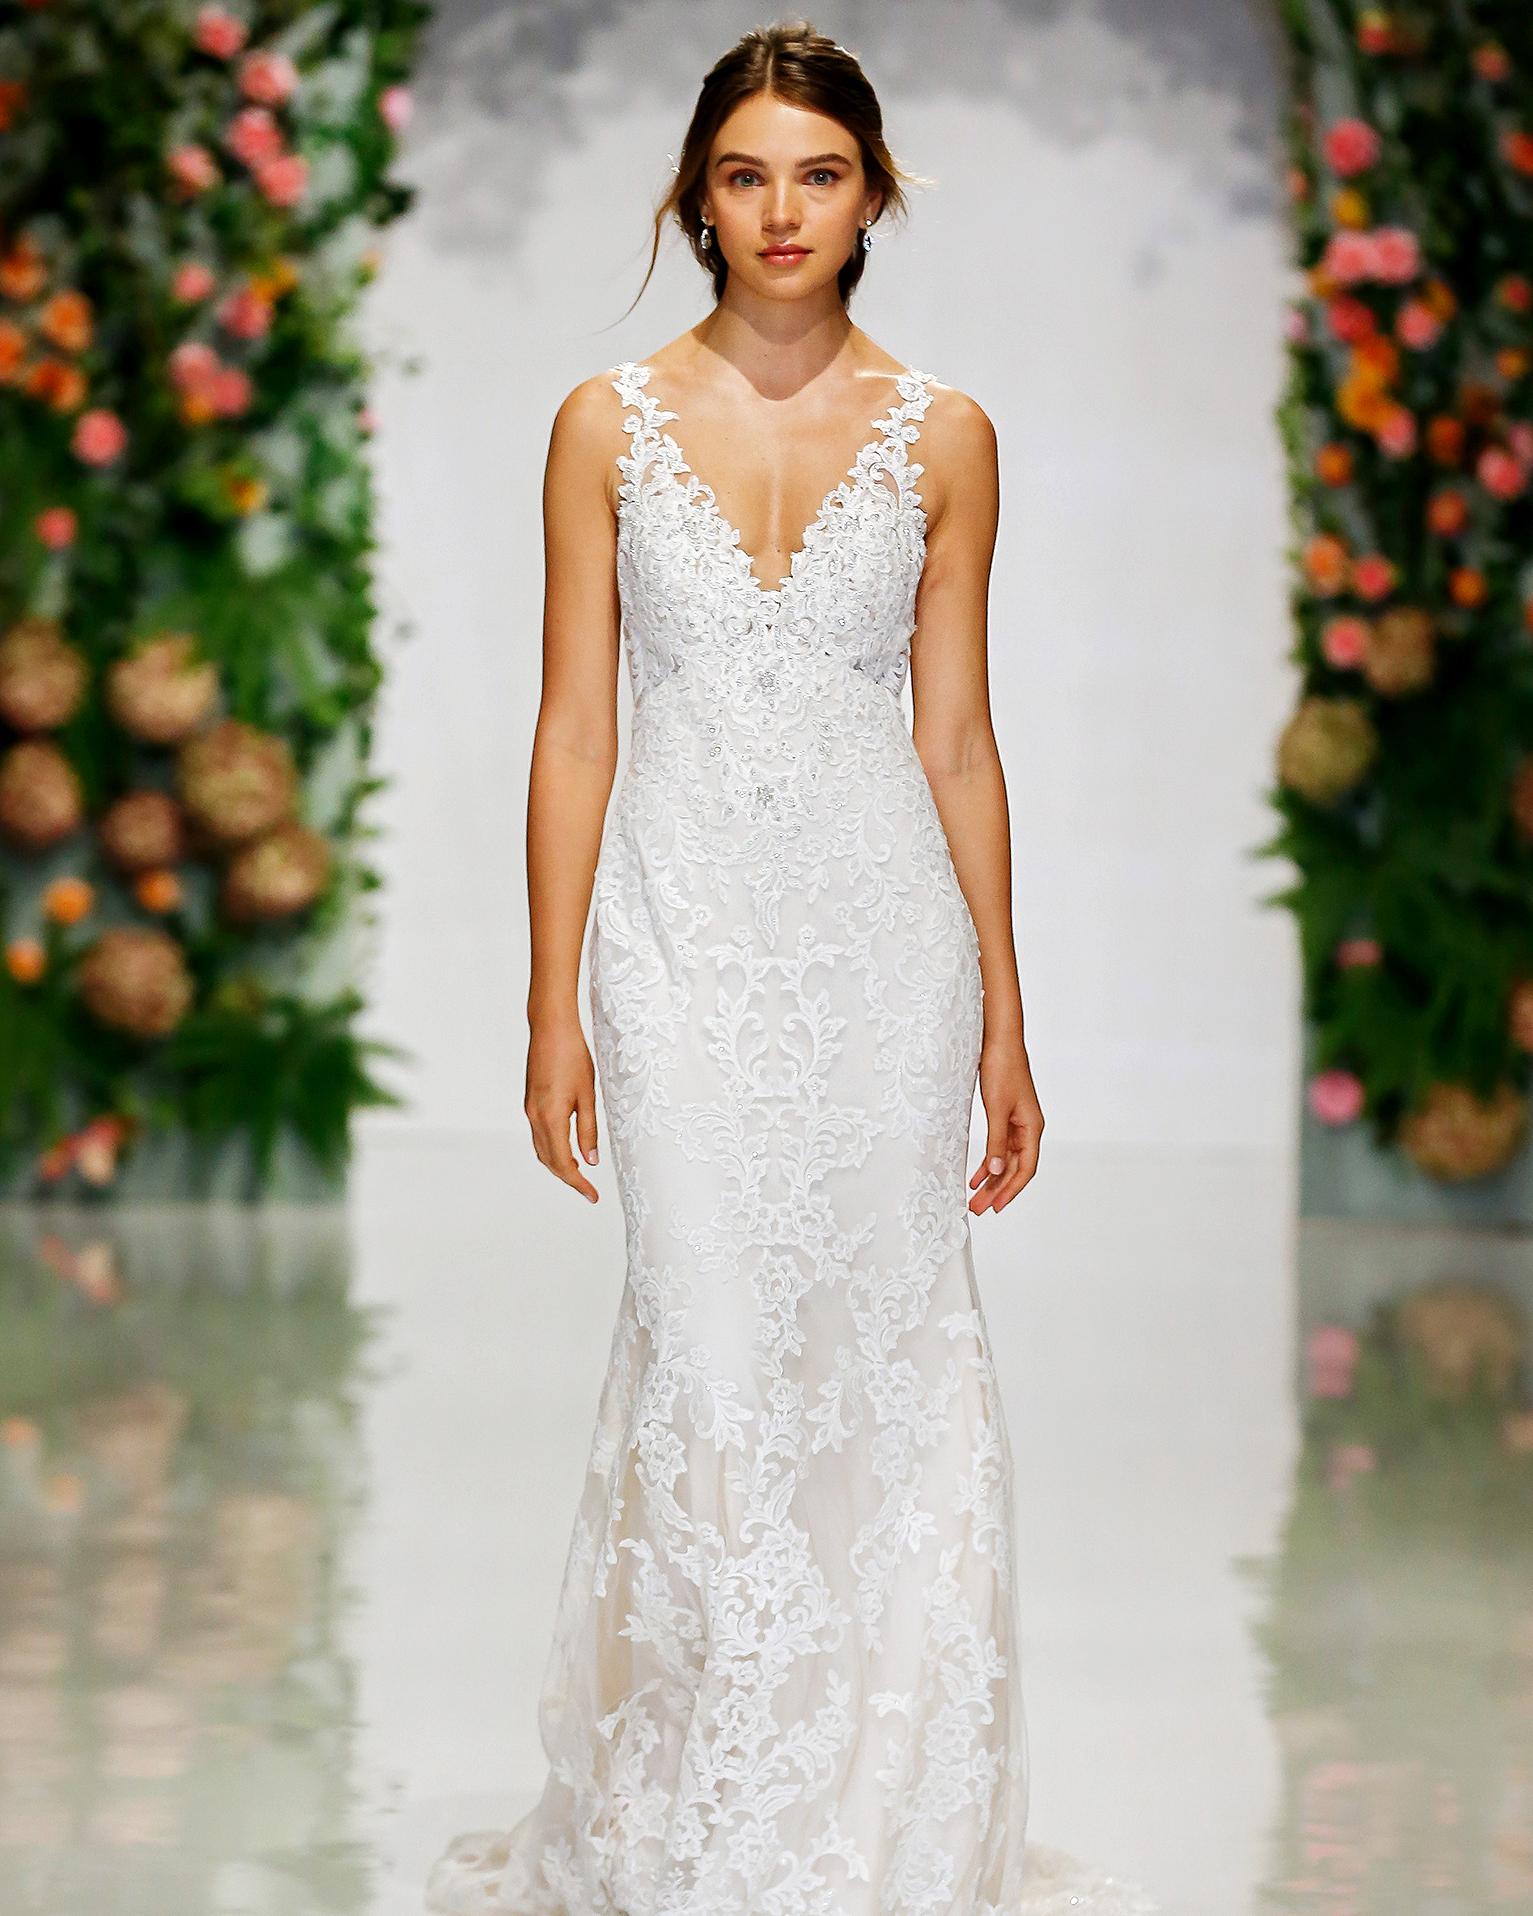 morilee madeline gardner wedding dress lace plunging v-neck